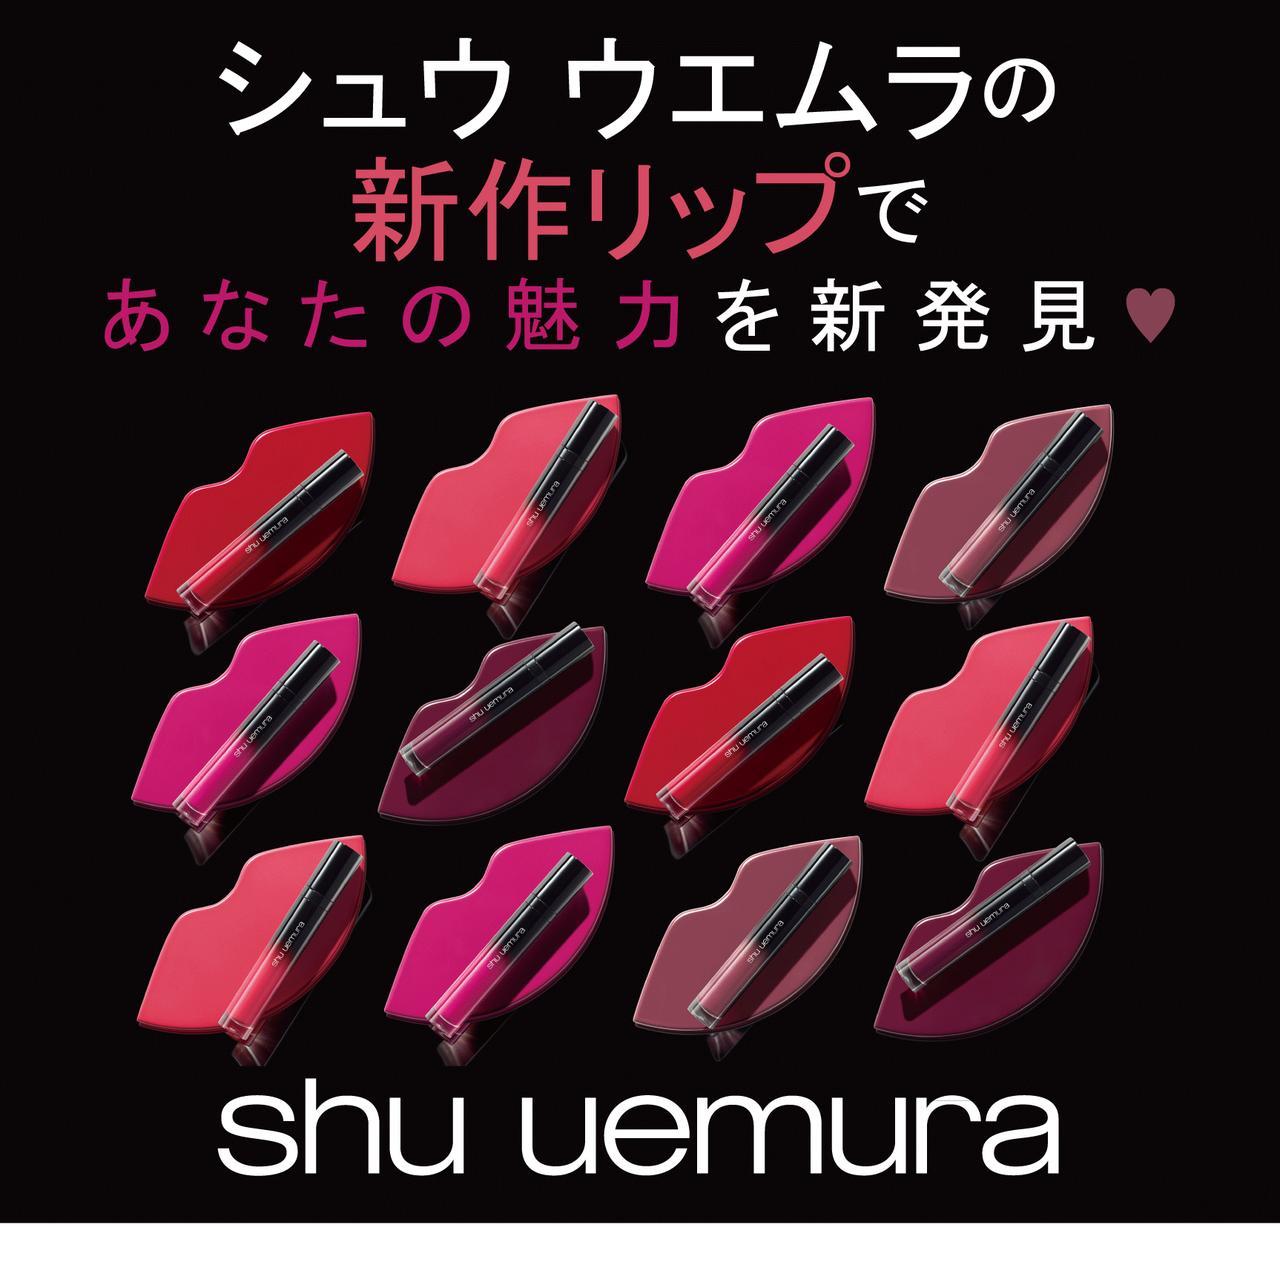 Shu Uemura、シュウウエムラ、フロントロウ、リップ